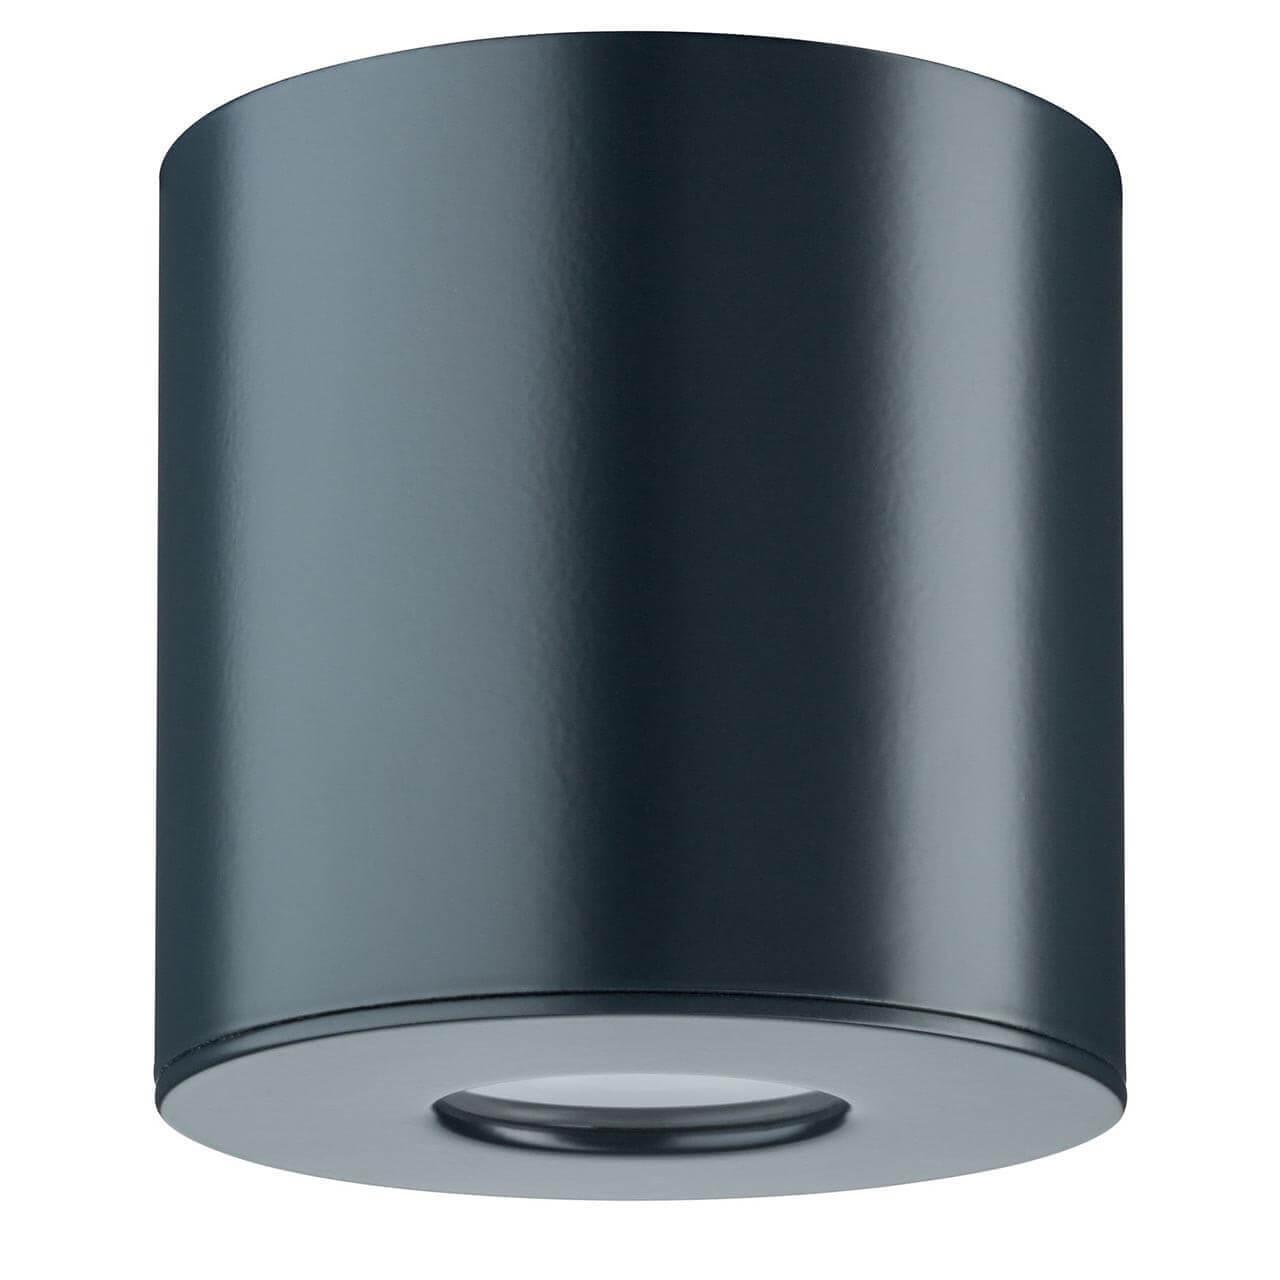 Светильник Paulmann 79670 House surface